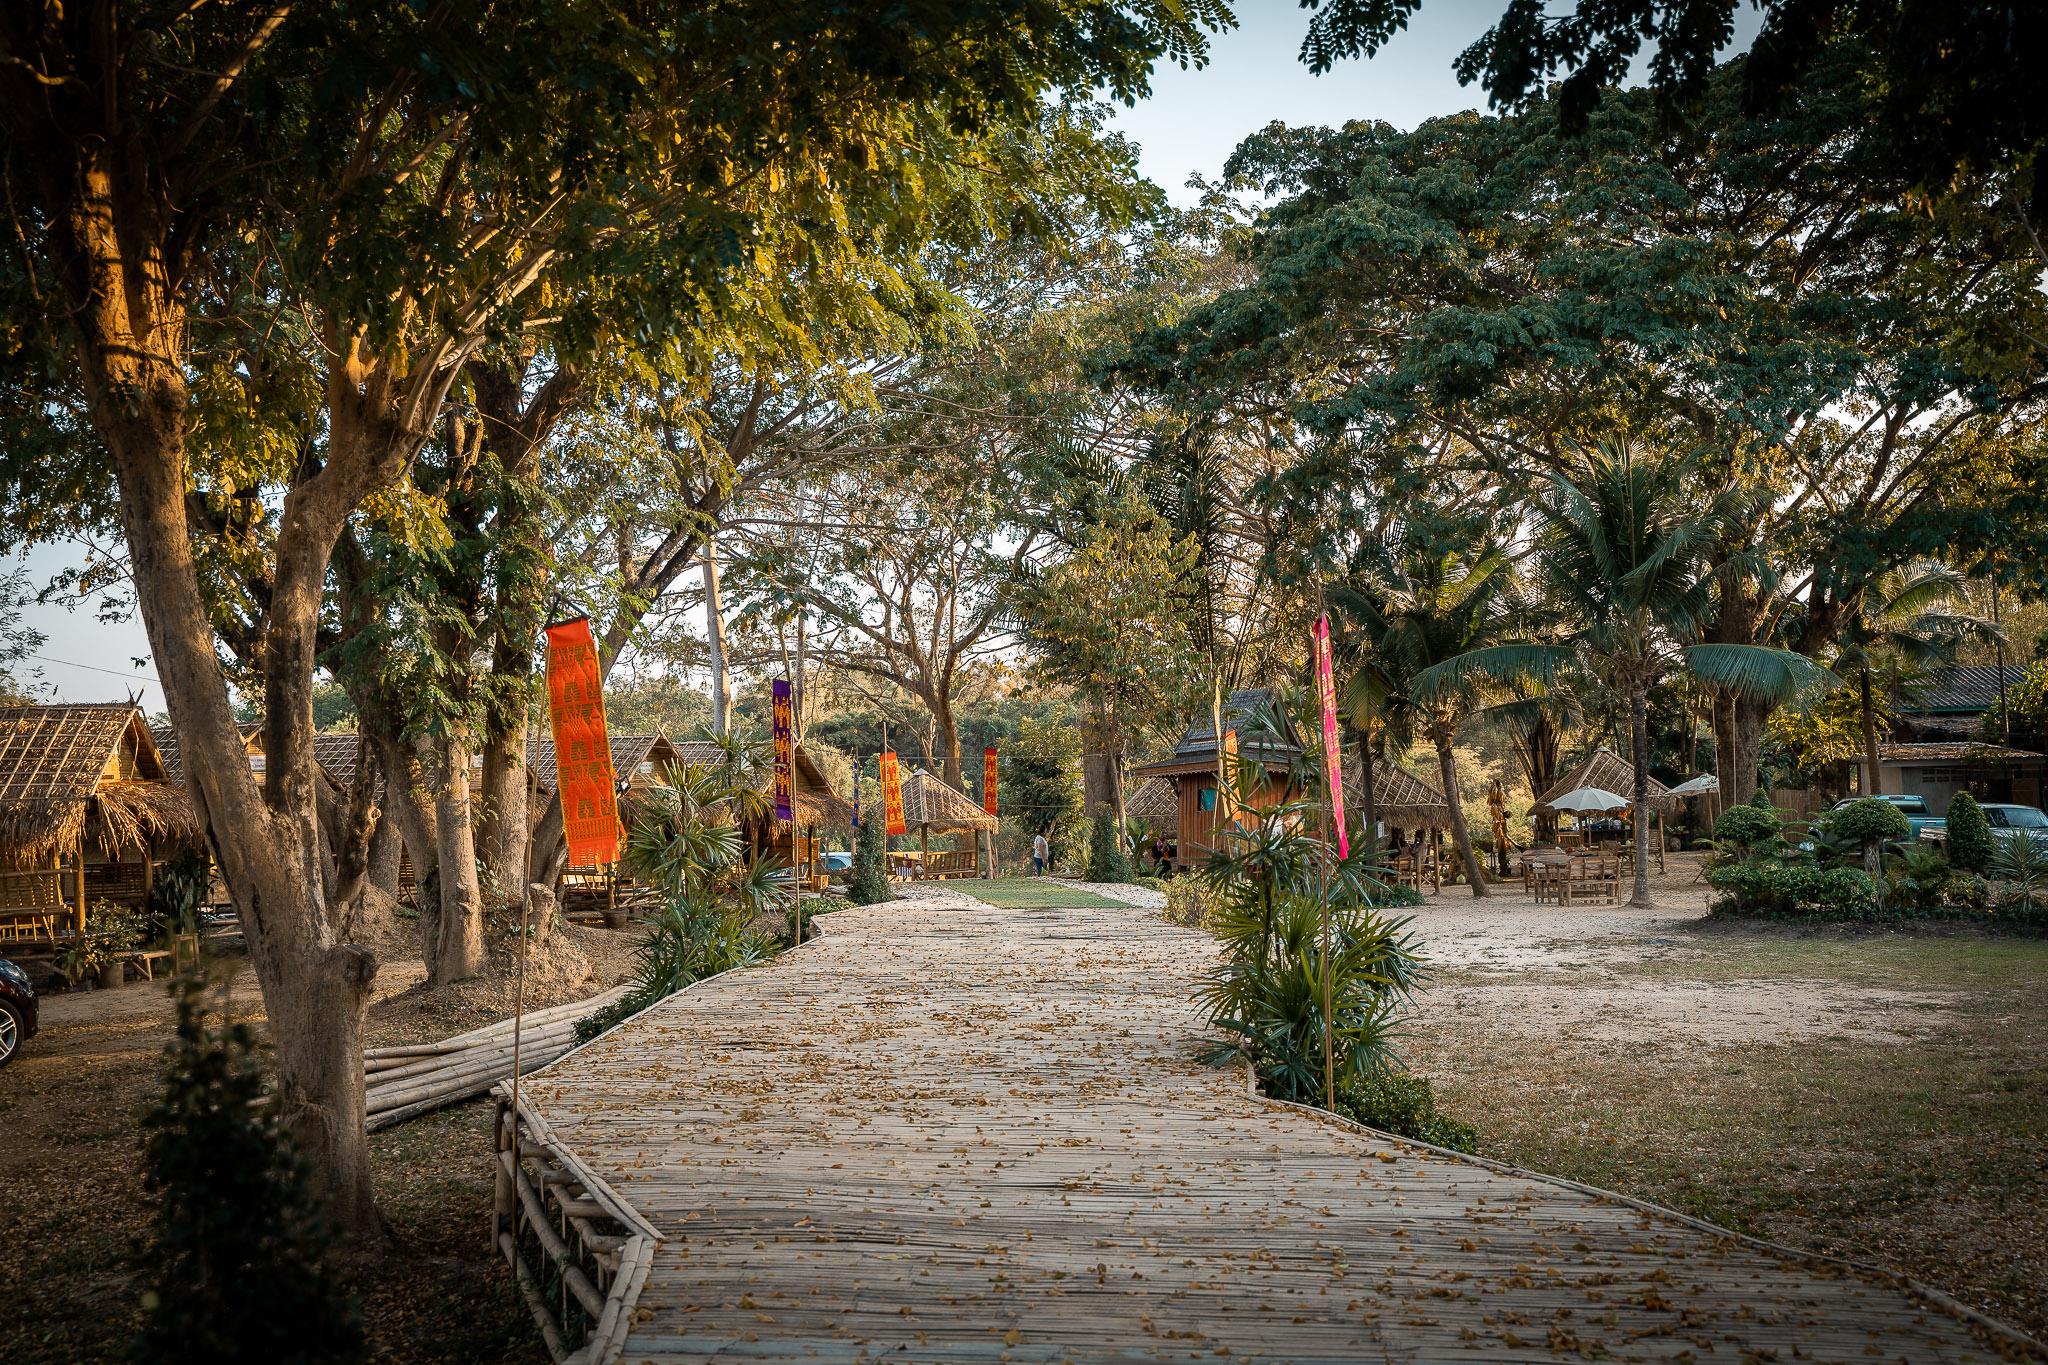 2019-02-10 - Vegan Town Lampang-Maik-Kleinert-photographer-videographer-26-2048px.jpg